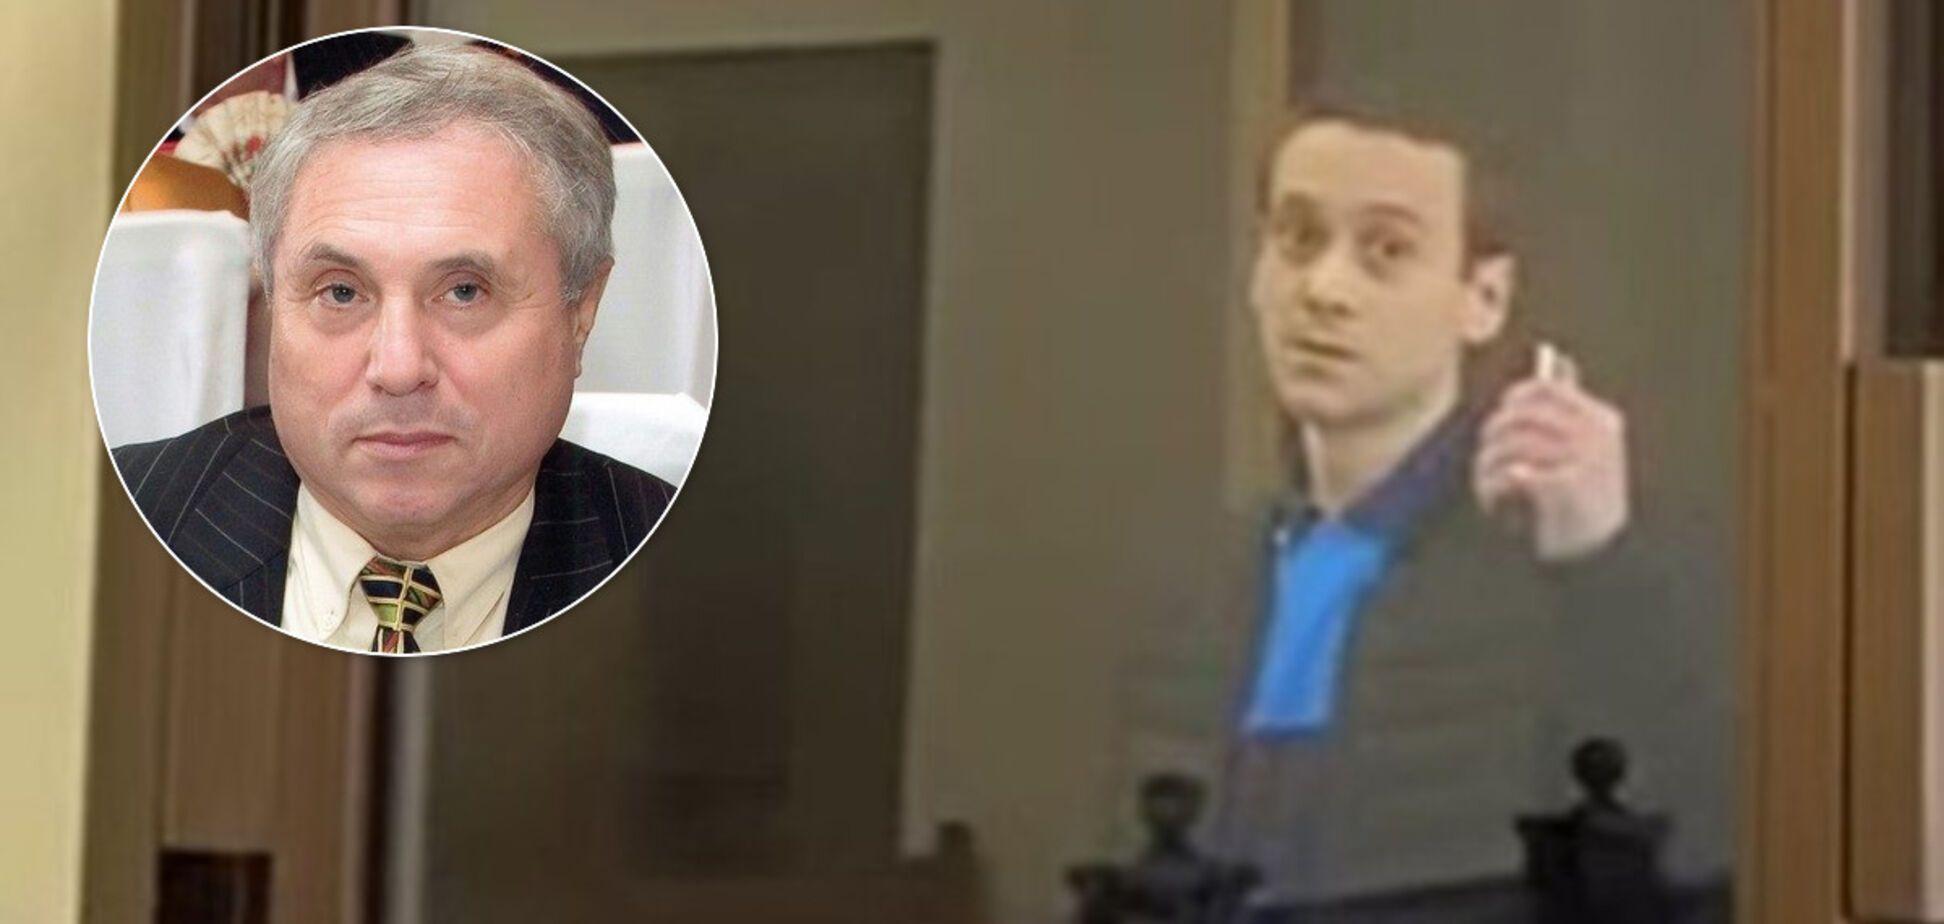 Захоплення суду в Одесі: перед убивством чоловік переписав три квартири на дружину обвинуваченого